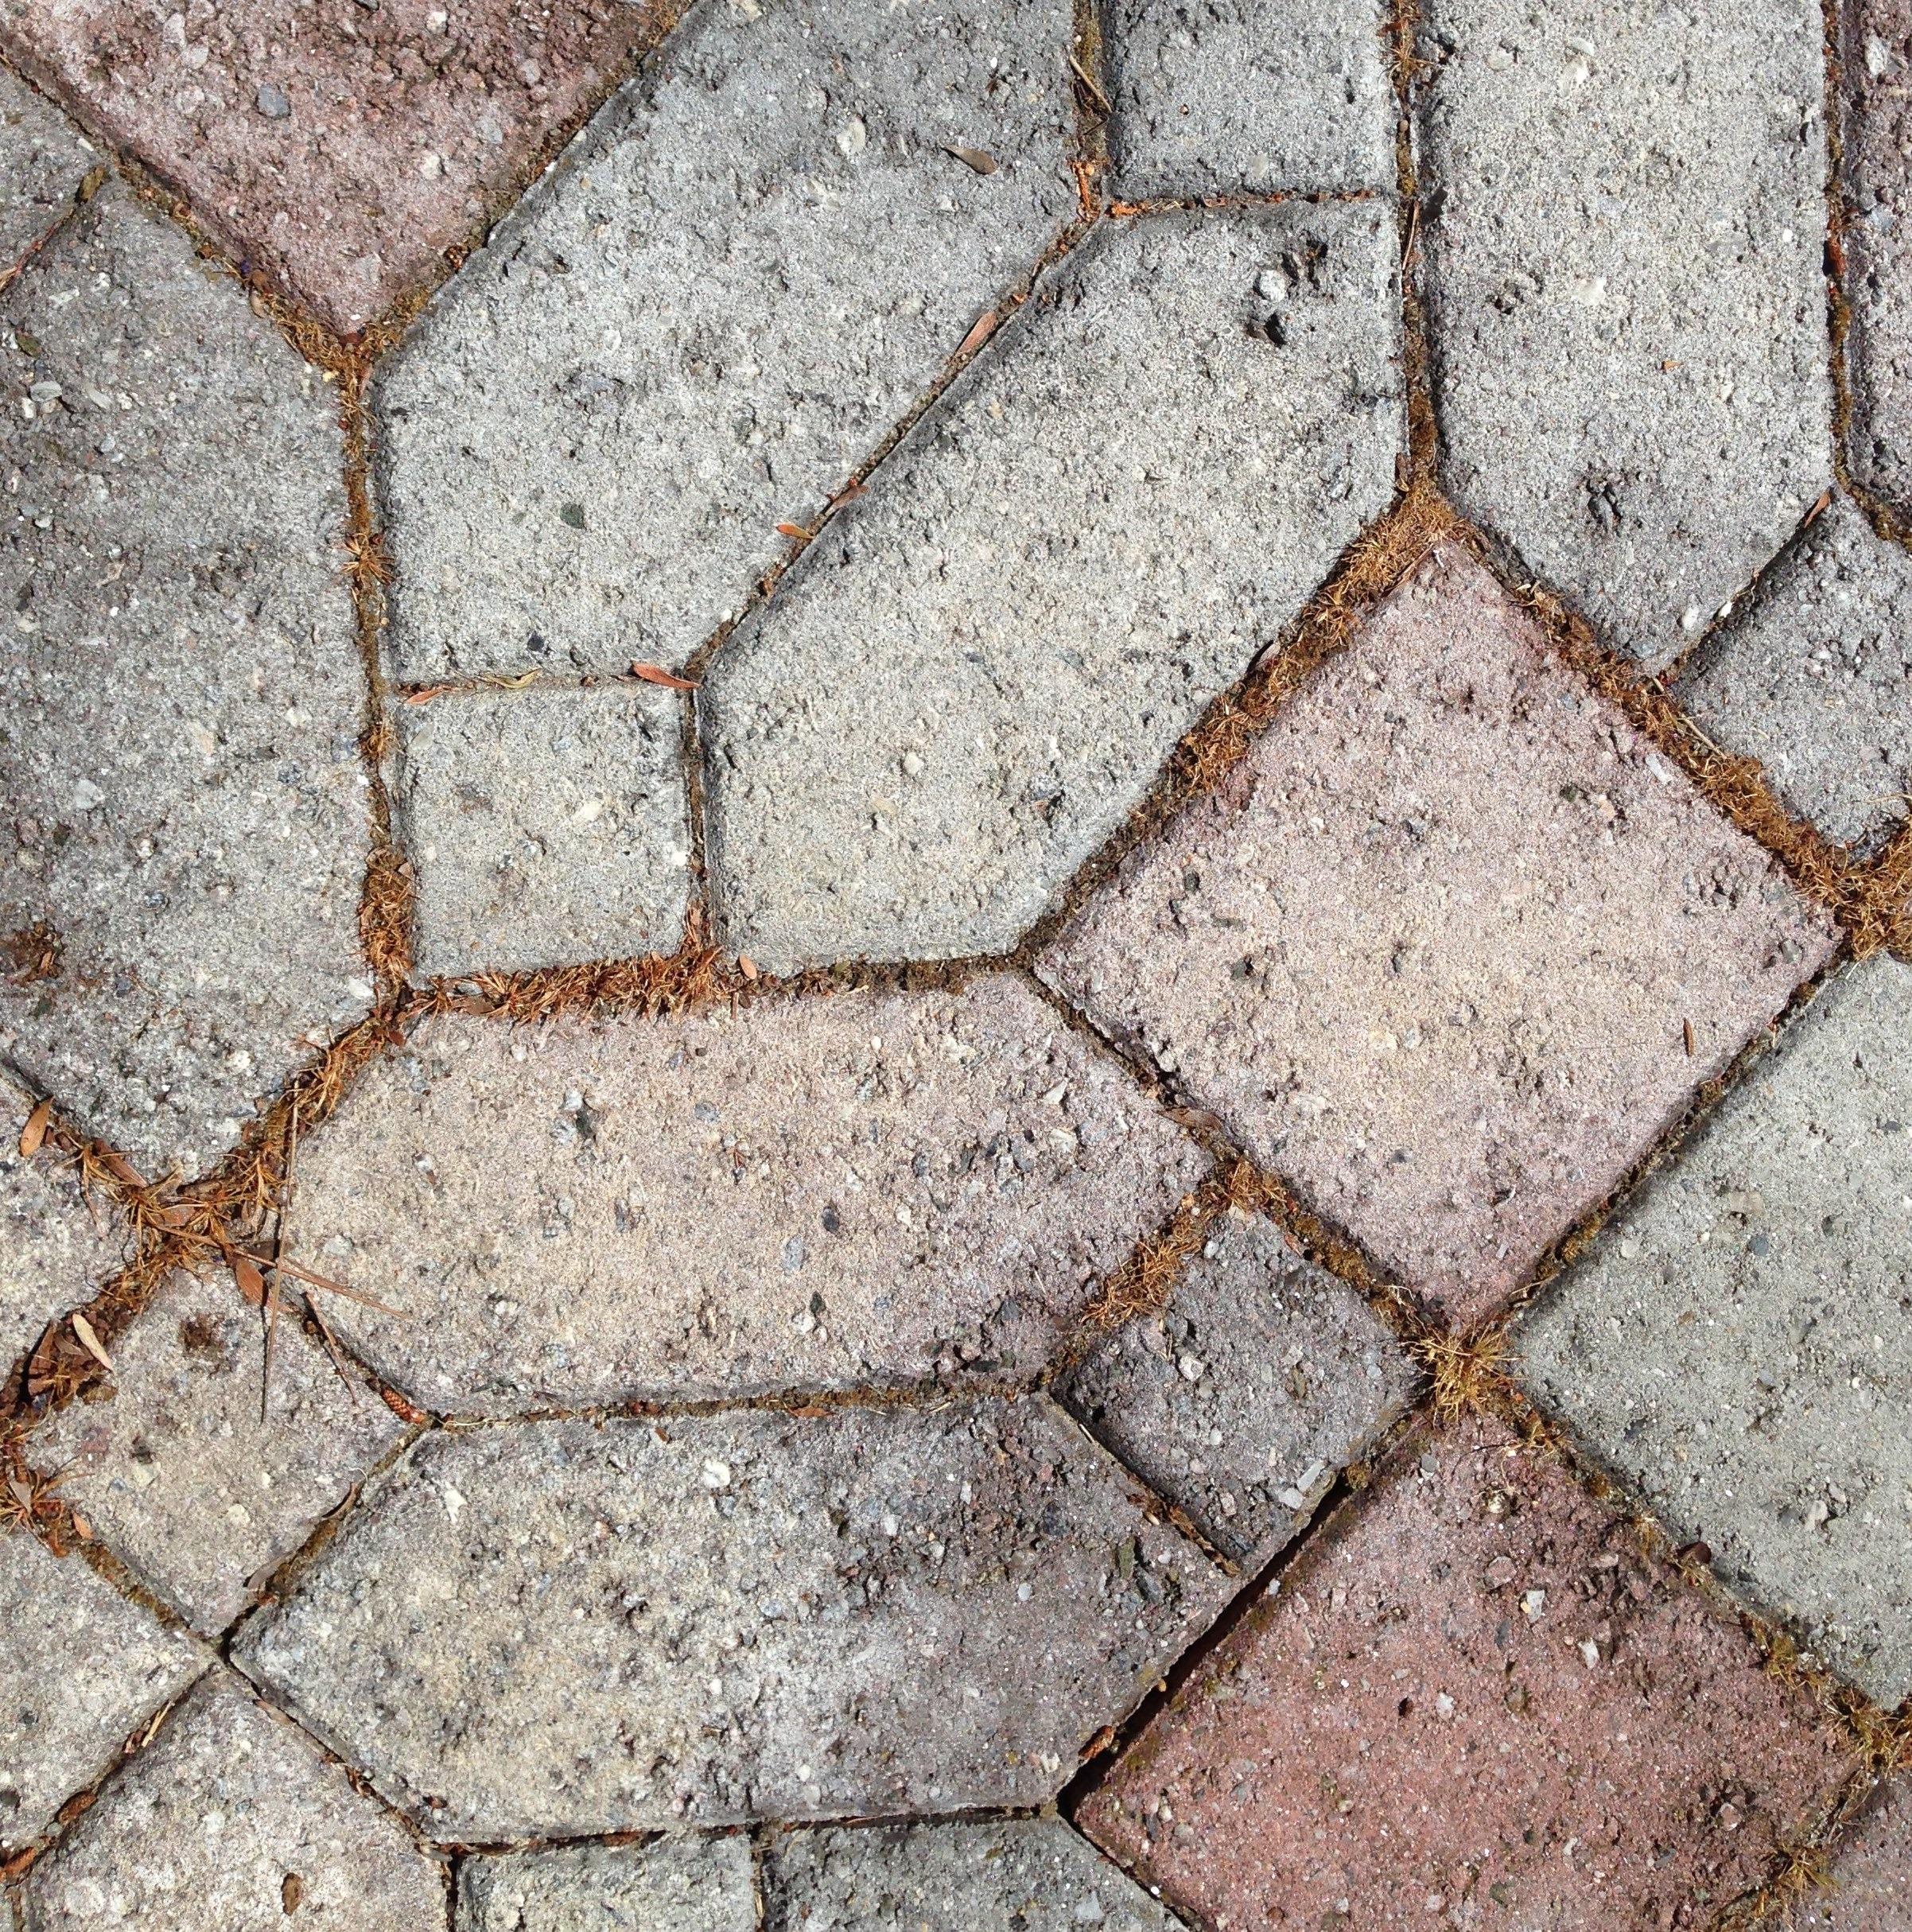 camino rock textura acera piso guijarro pared piedra asfalto patrn suelo azulejo pared de piedra ladrillo